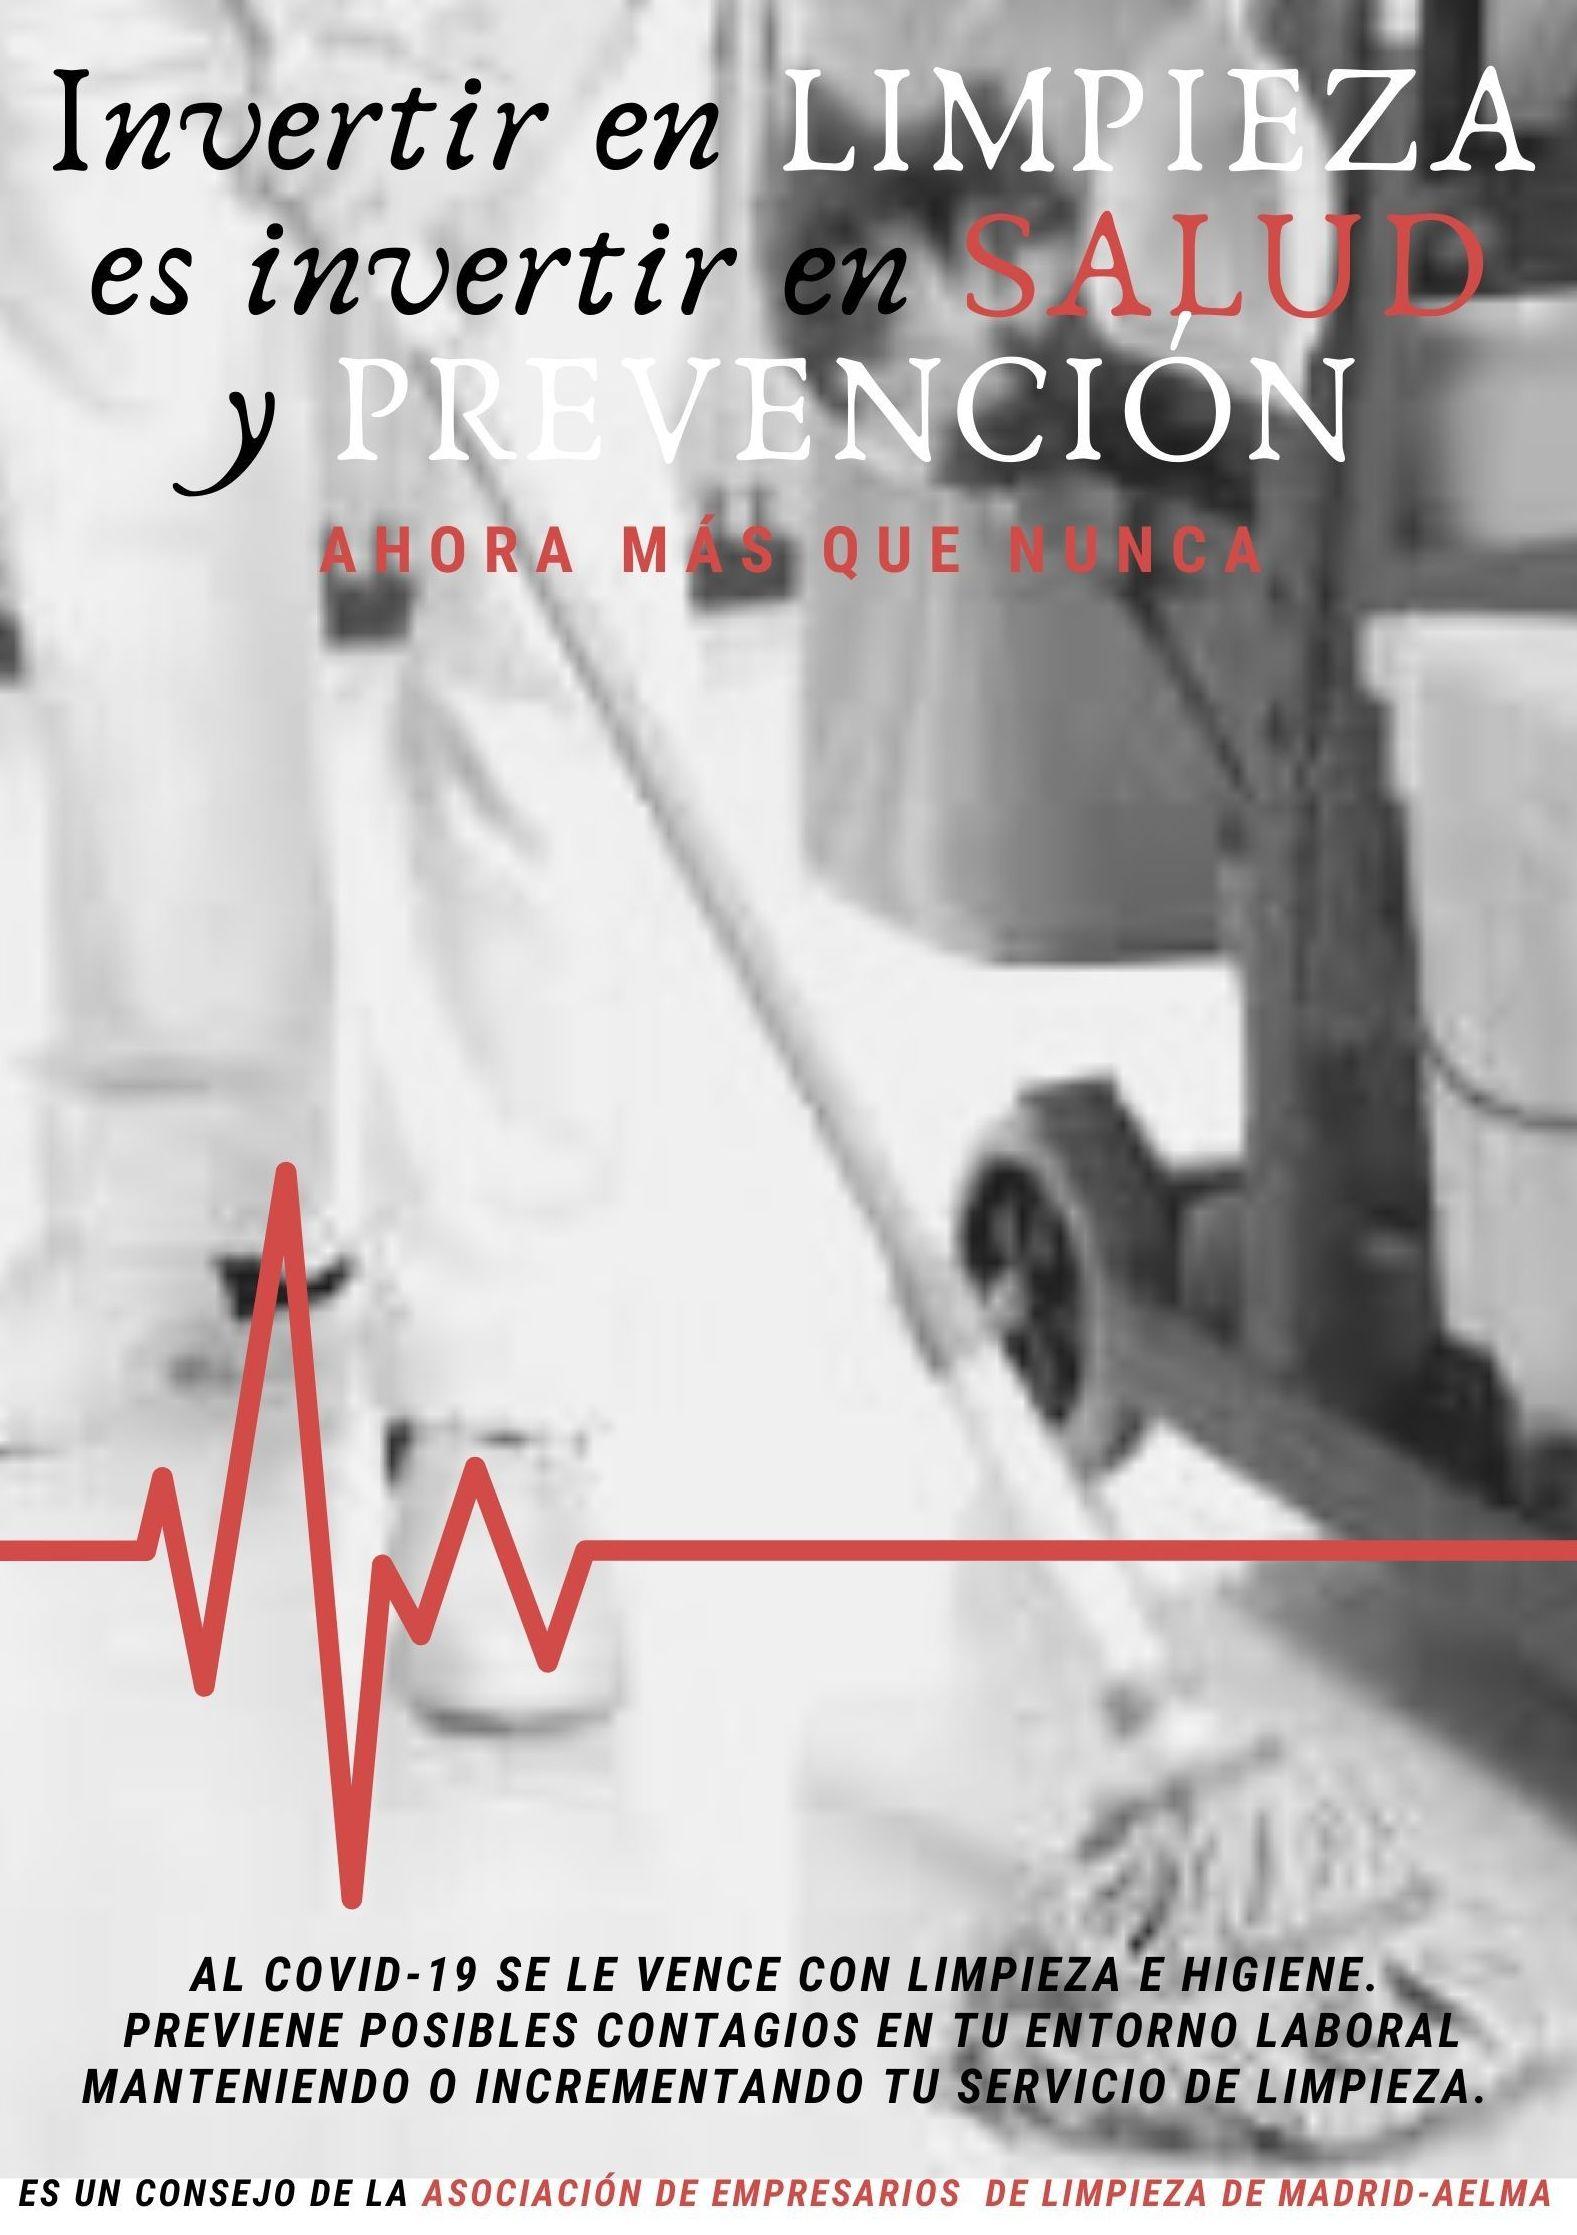 INVERTIR EN LIMPIEZA ES INVERTIR EN SALUD Y PREVENCION